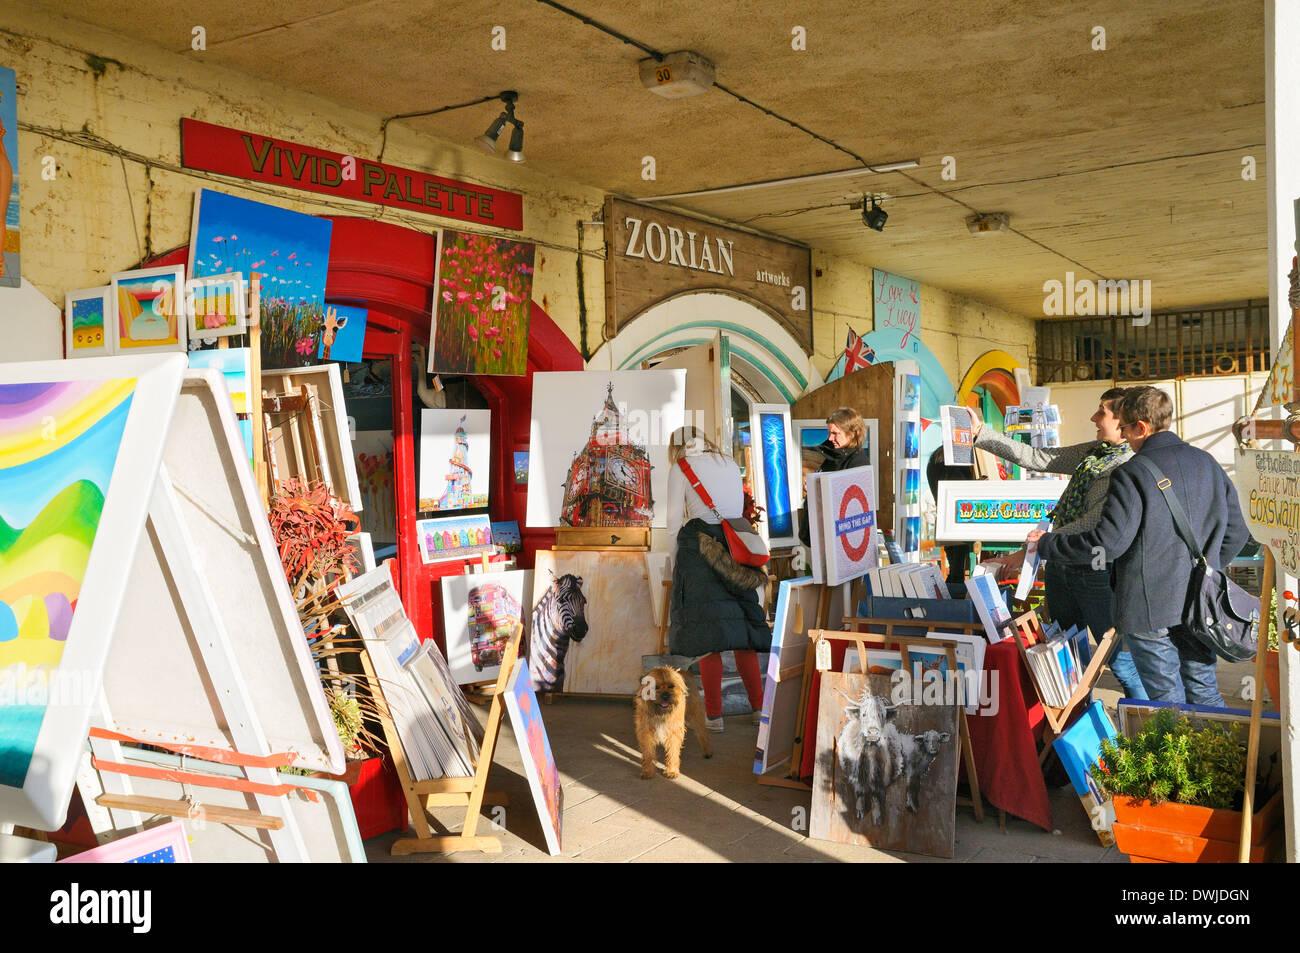 Kunst für den Verkauf außerhalb Galerien in der Künstler-Viertel am Brighton Seafront, East Sussex, UK Stockbild